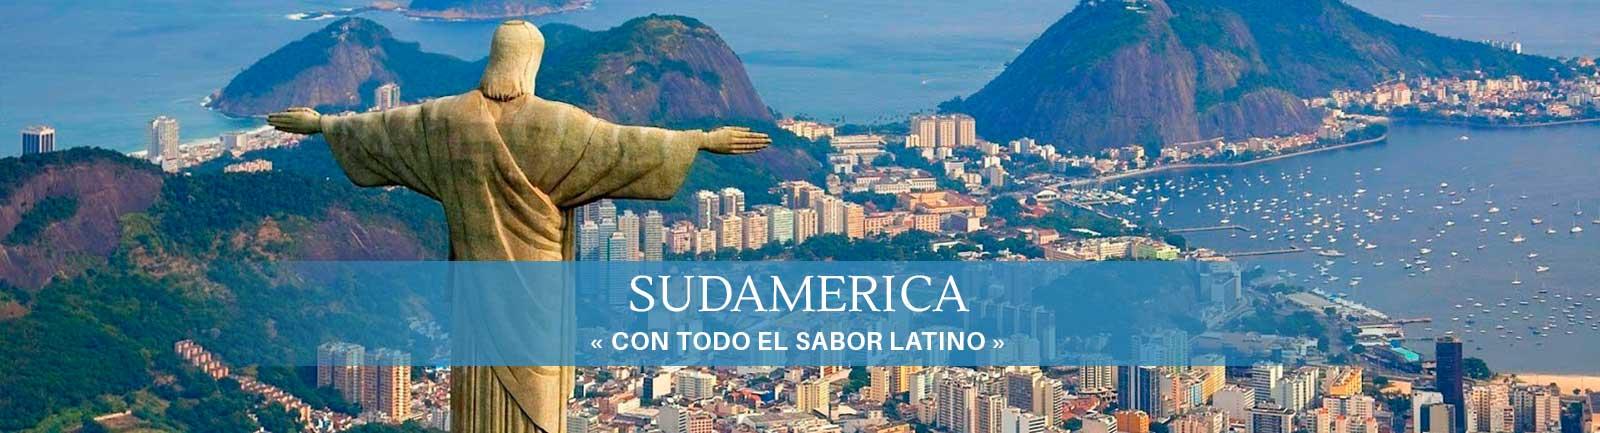 Crucero Sudamérica